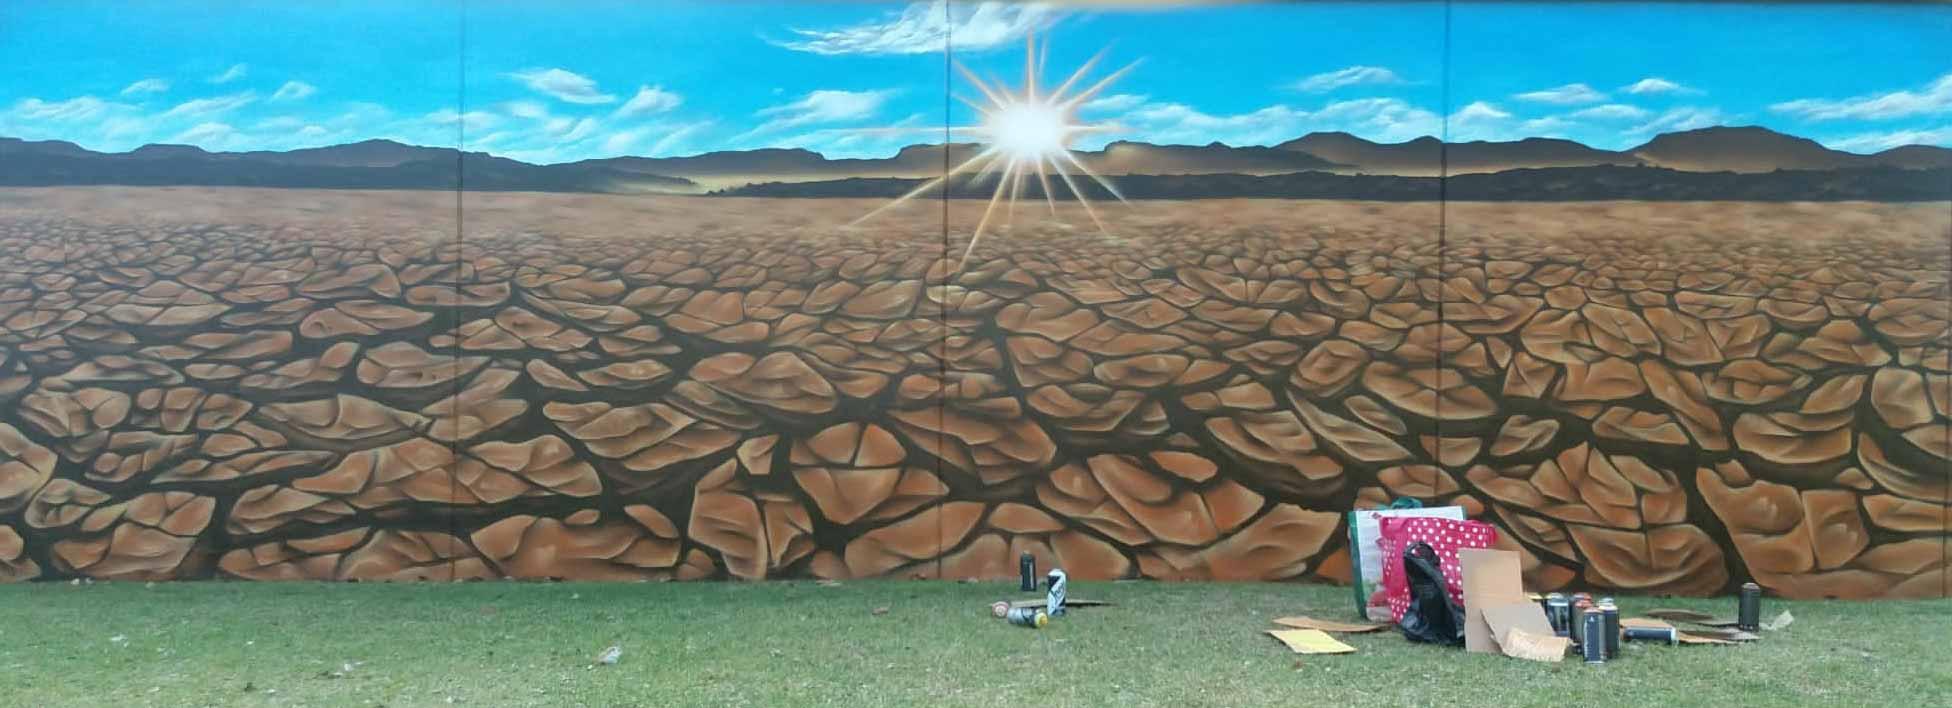 ODS 13 Cambio climático Mural Mostoles URJC